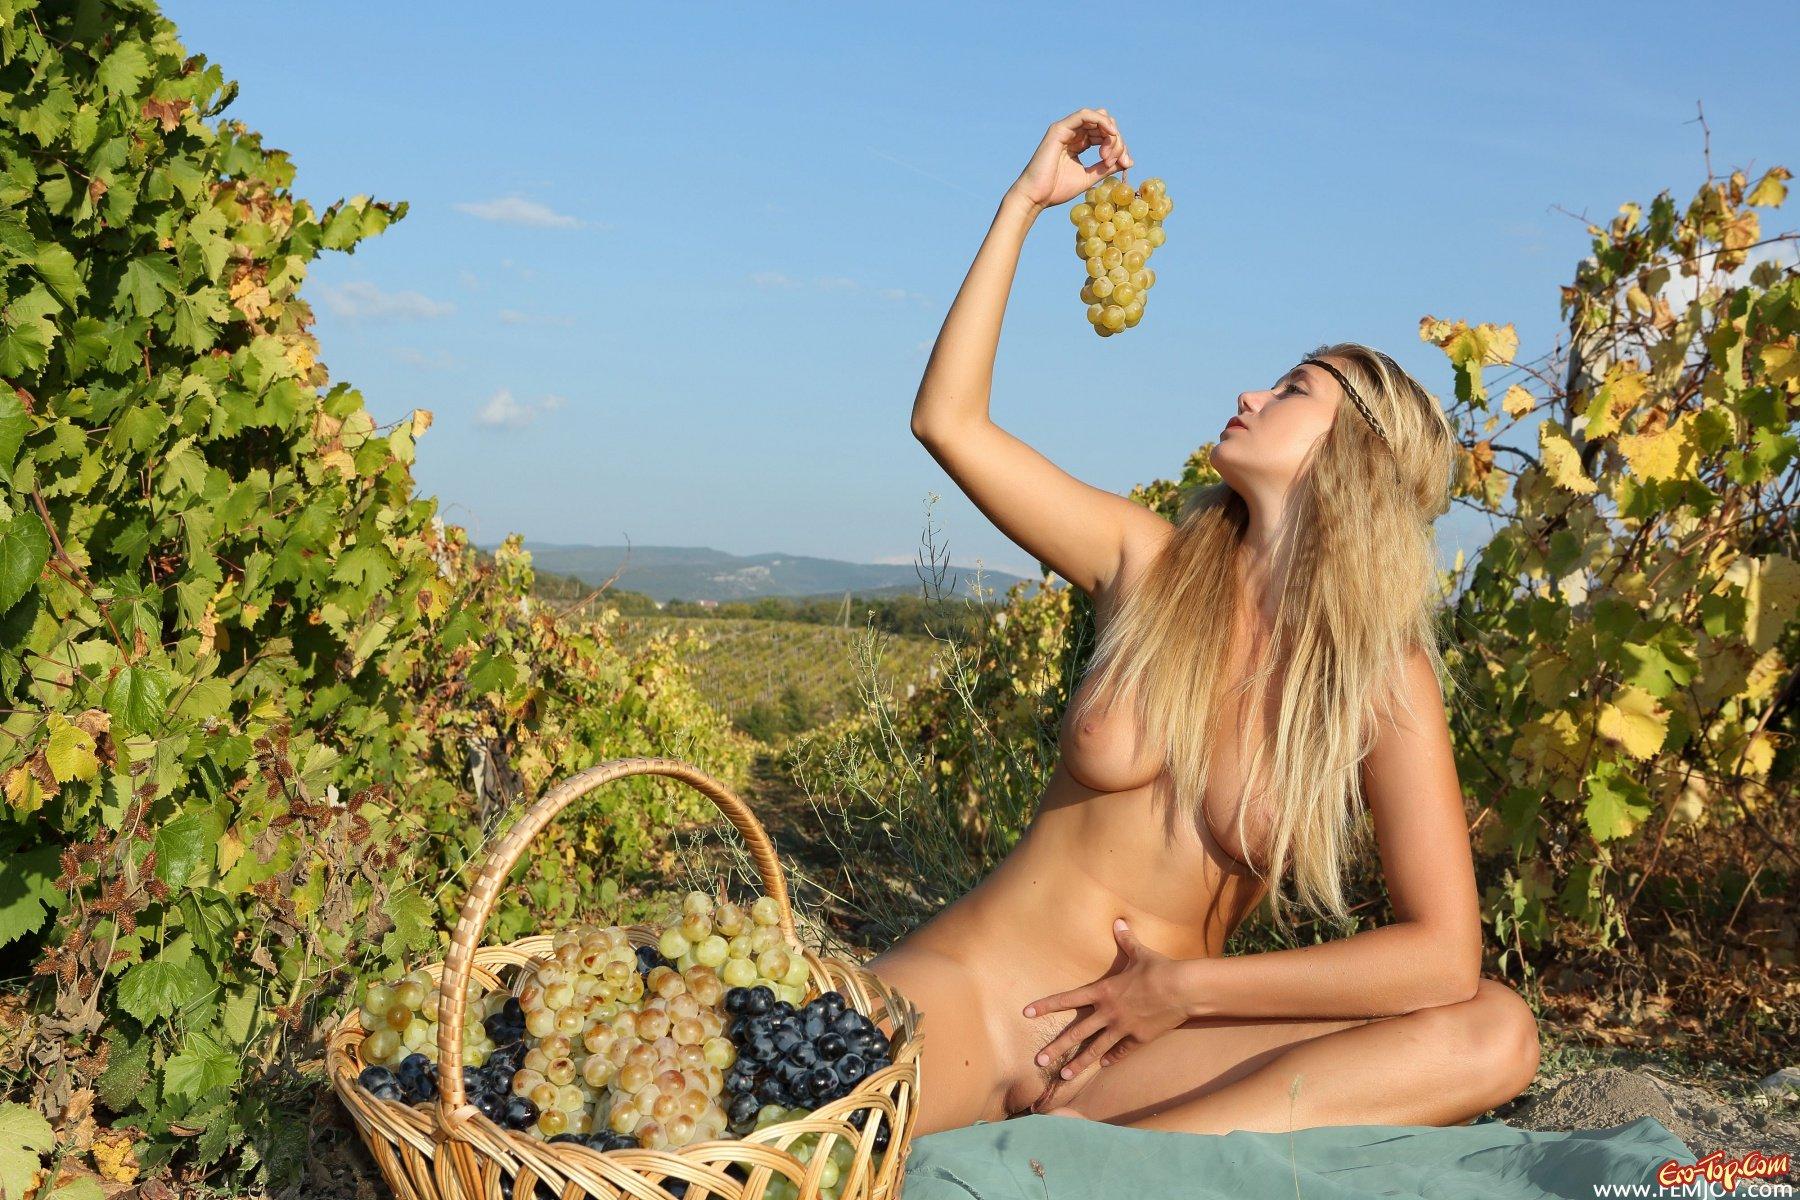 порнофильм девушки на винограднике